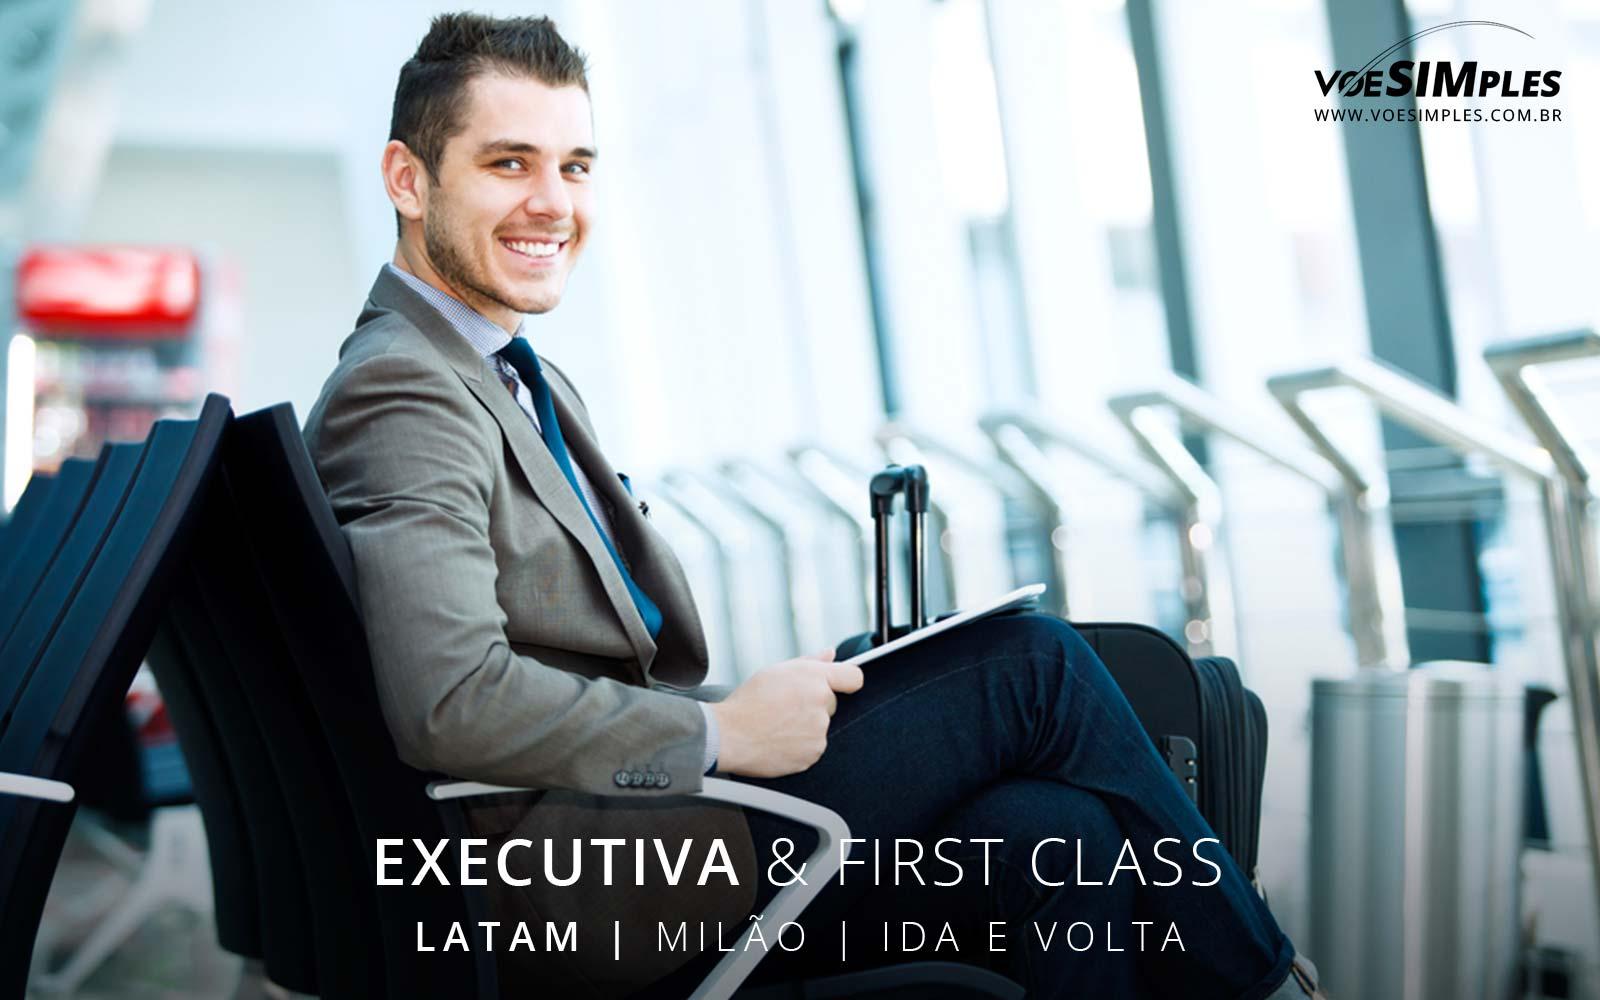 Passagem aérea executiva Latam para Milão